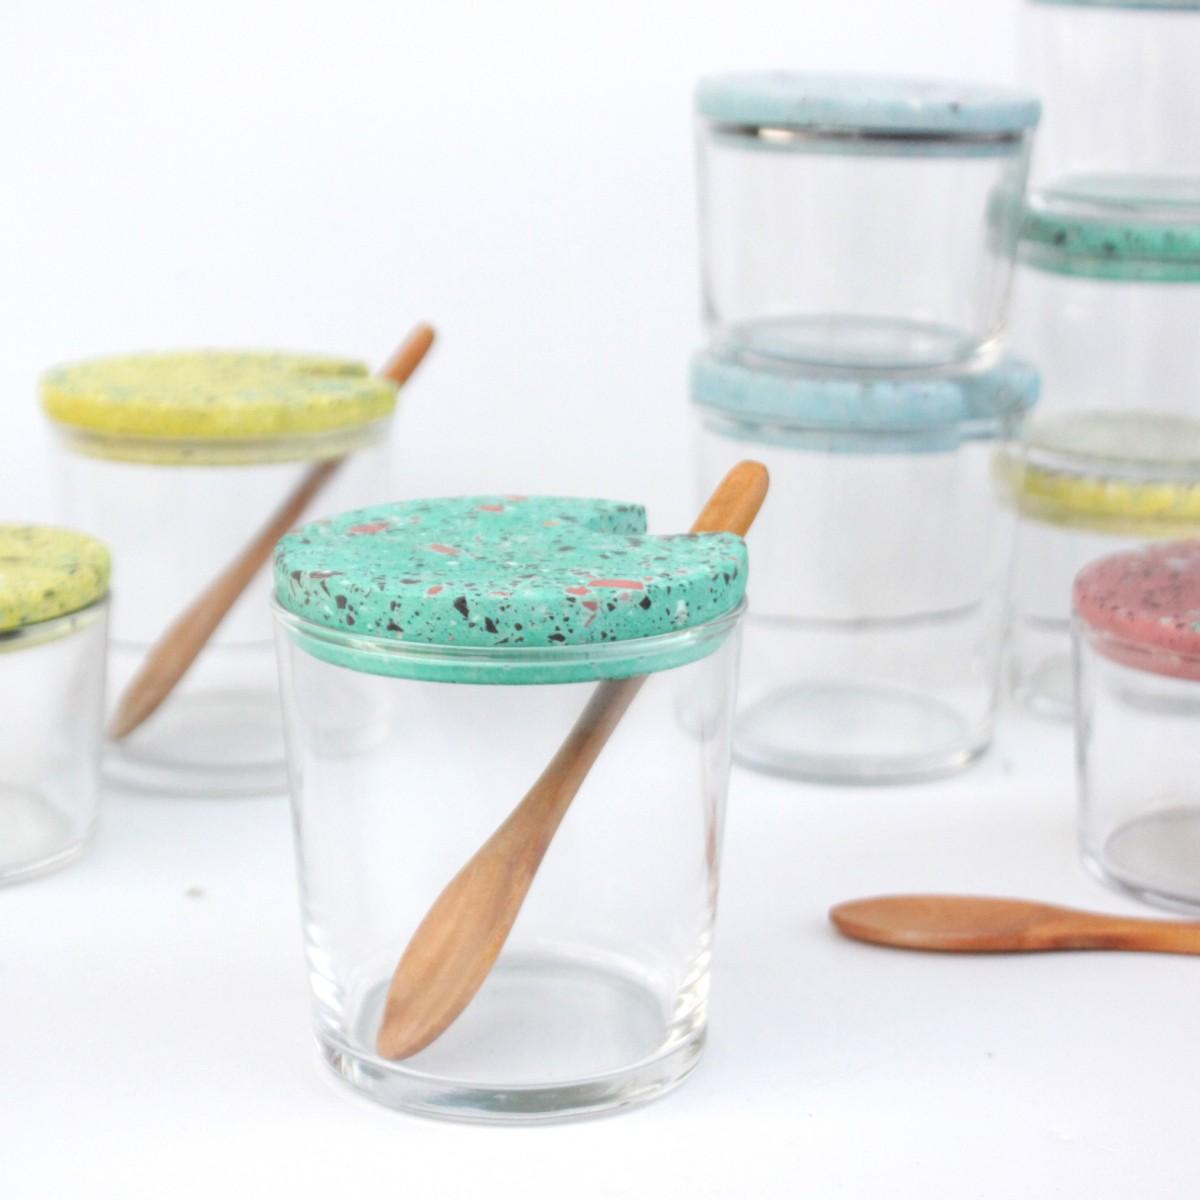 VLO design / Großes Glas mit Holzlöffel & rotem Deckel